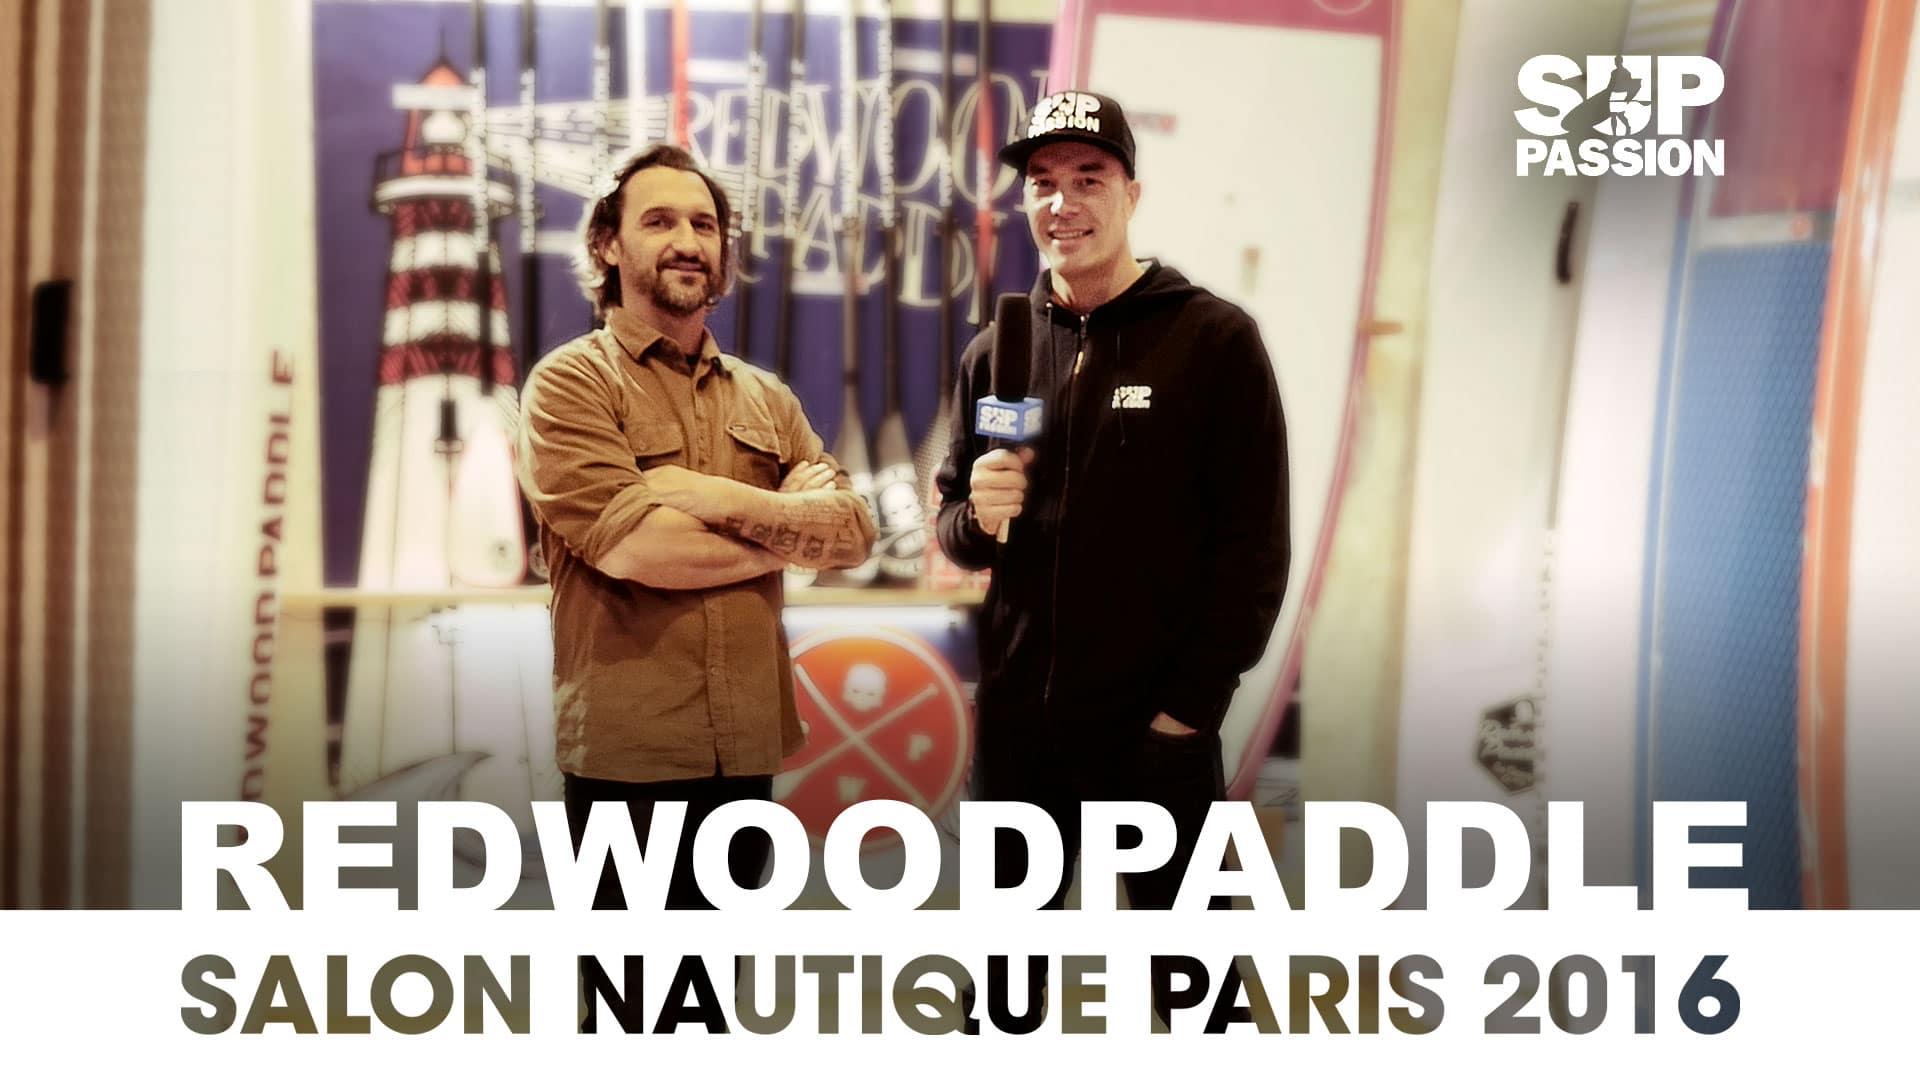 Stand up paddle redwoodpaddle au salon nautique de paris for Salon 2016 paris